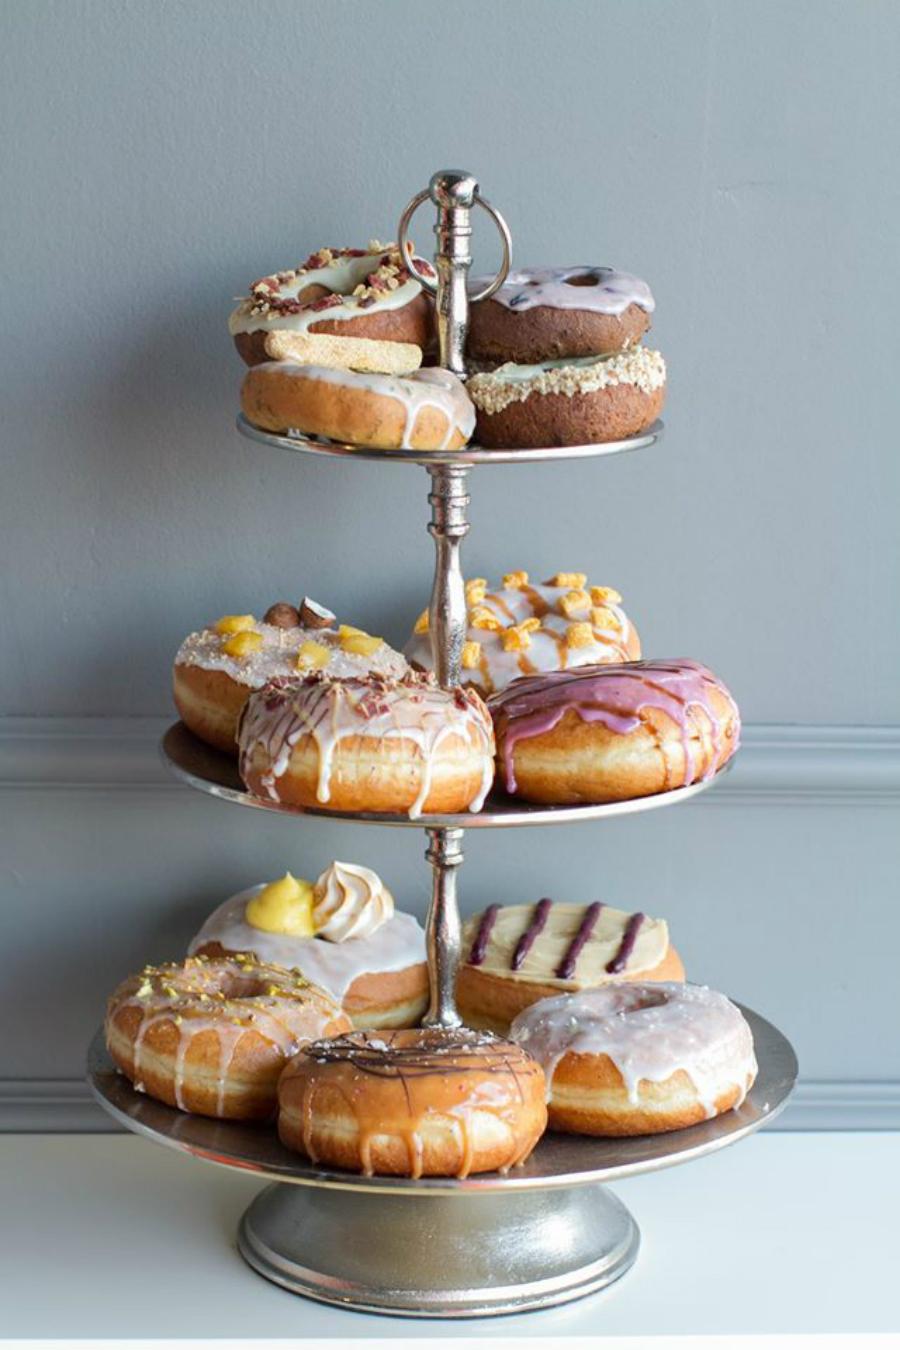 Von's Donuts